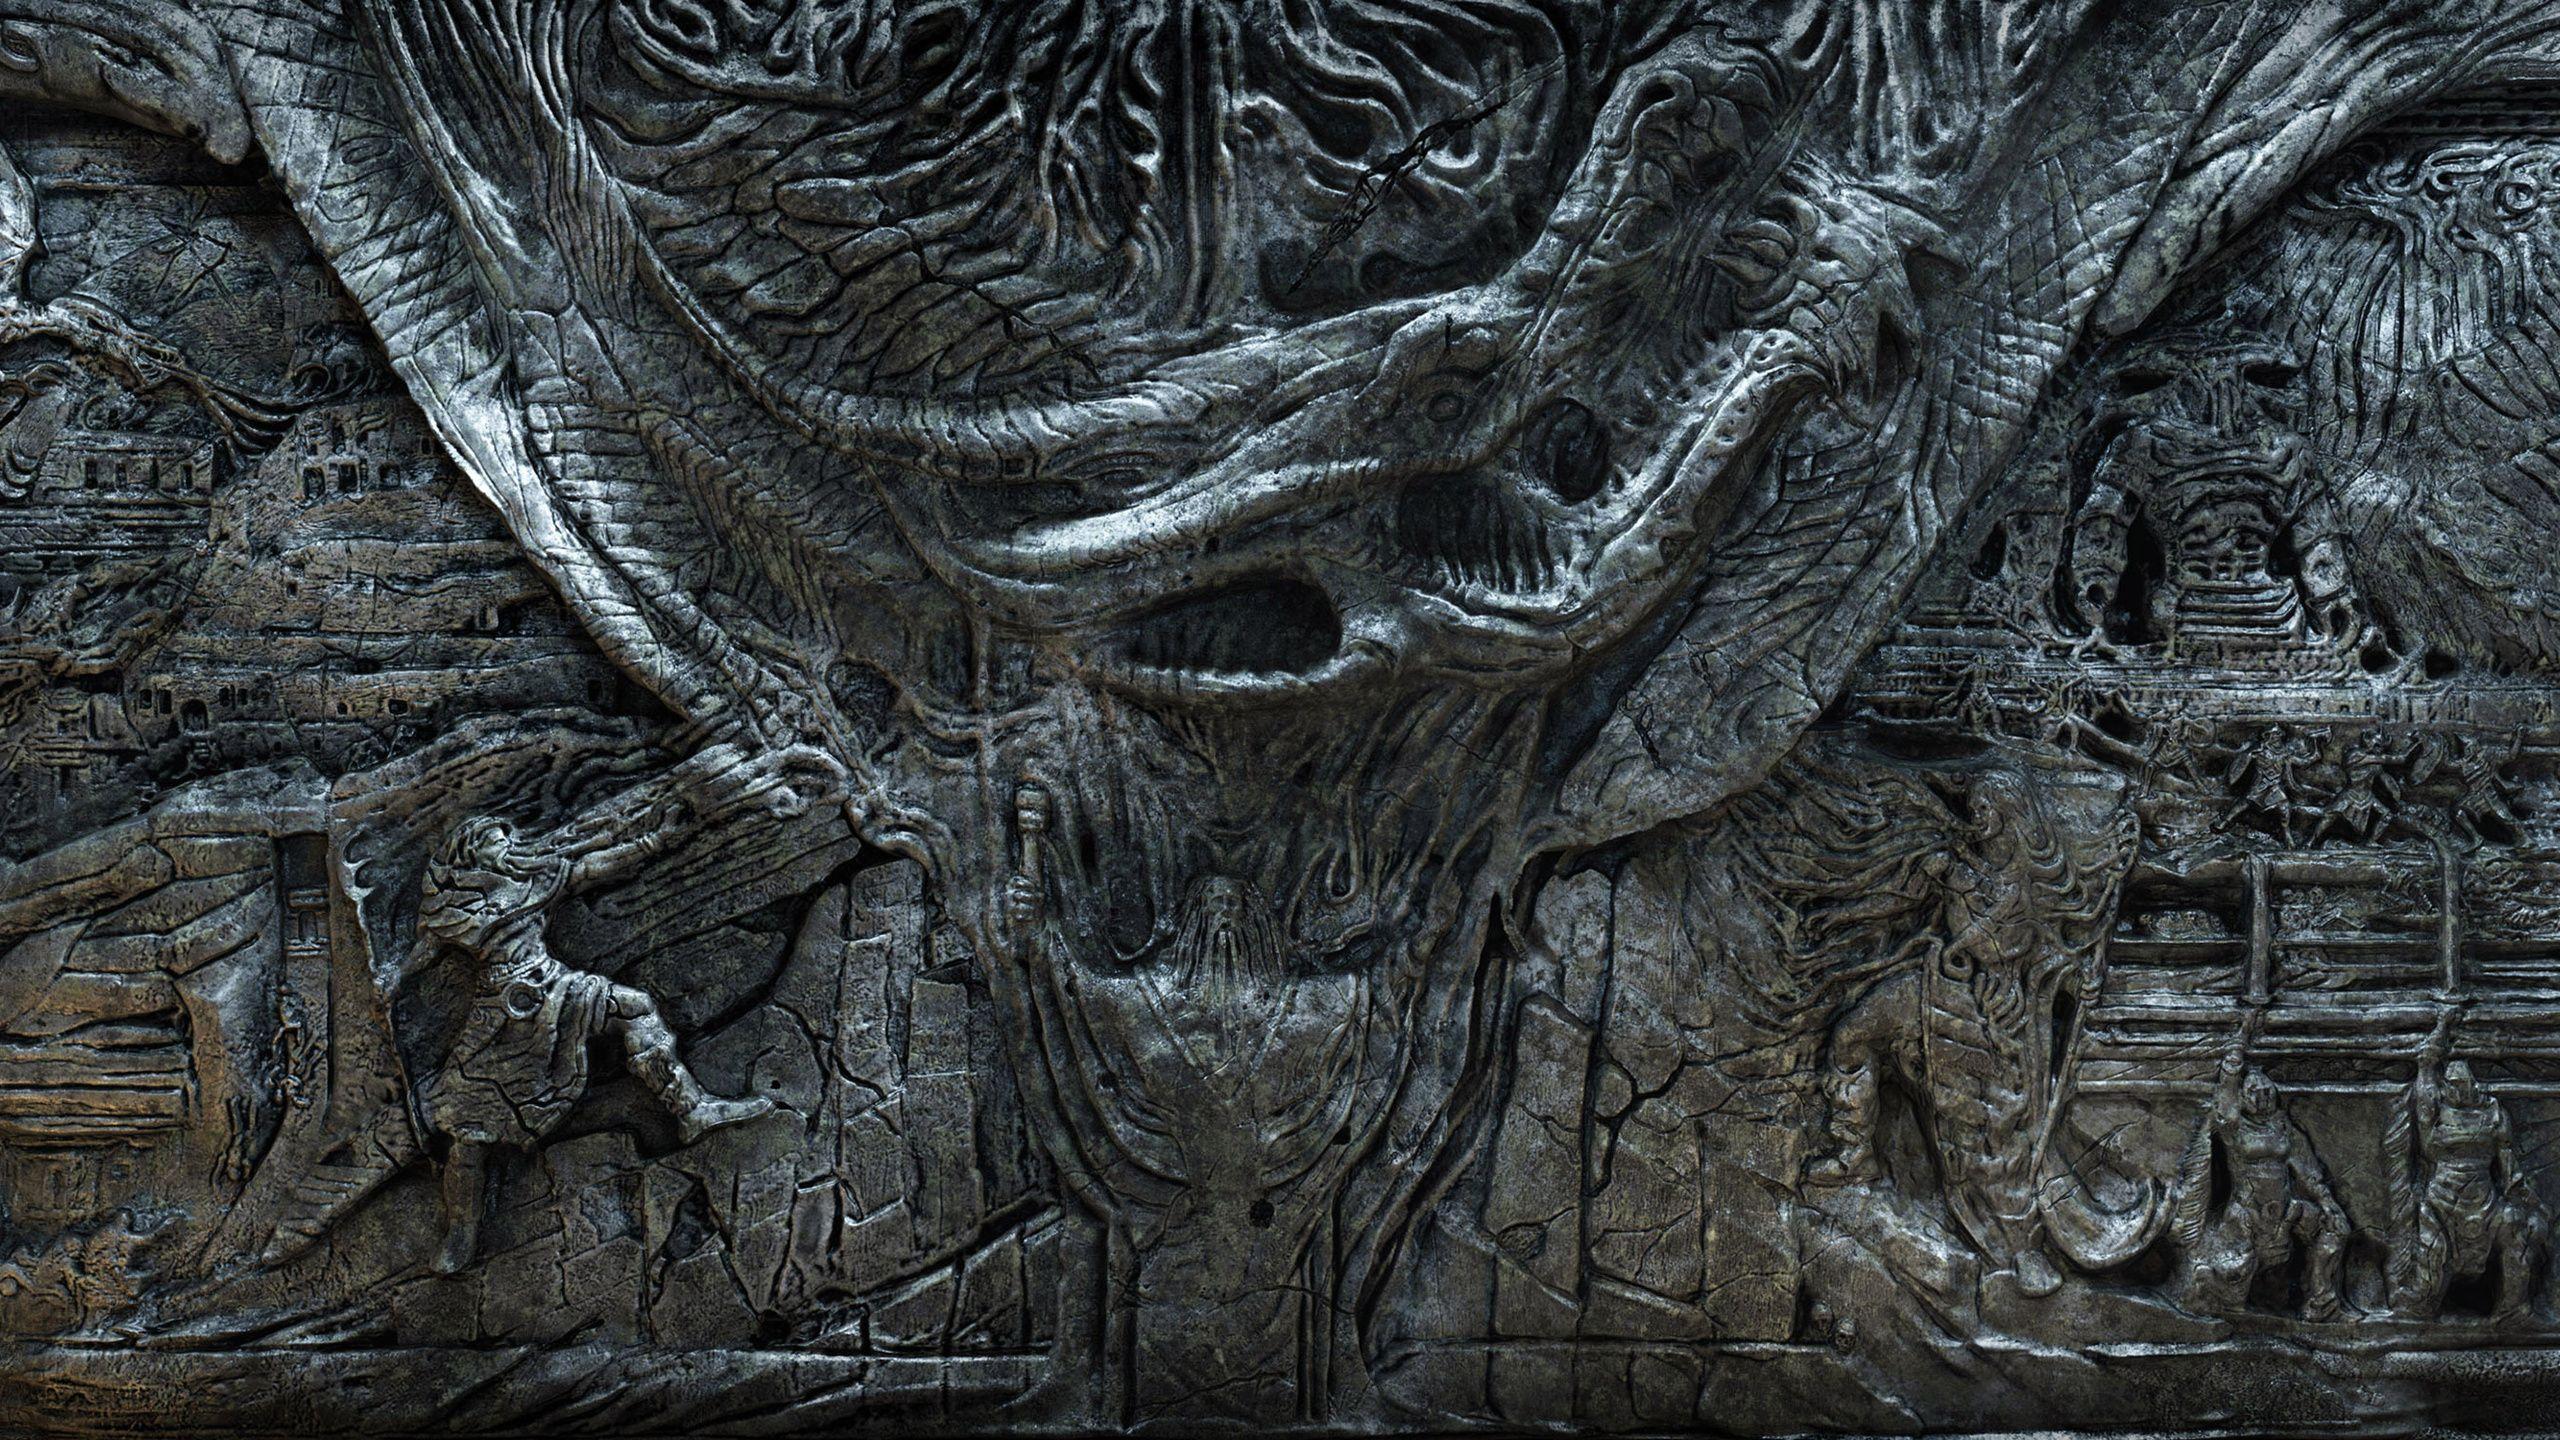 Pin By Localbonnie On Elder Scrolls Skyrim By Me Skyrim Art Elder Scrolls V Skyrim Skyrim